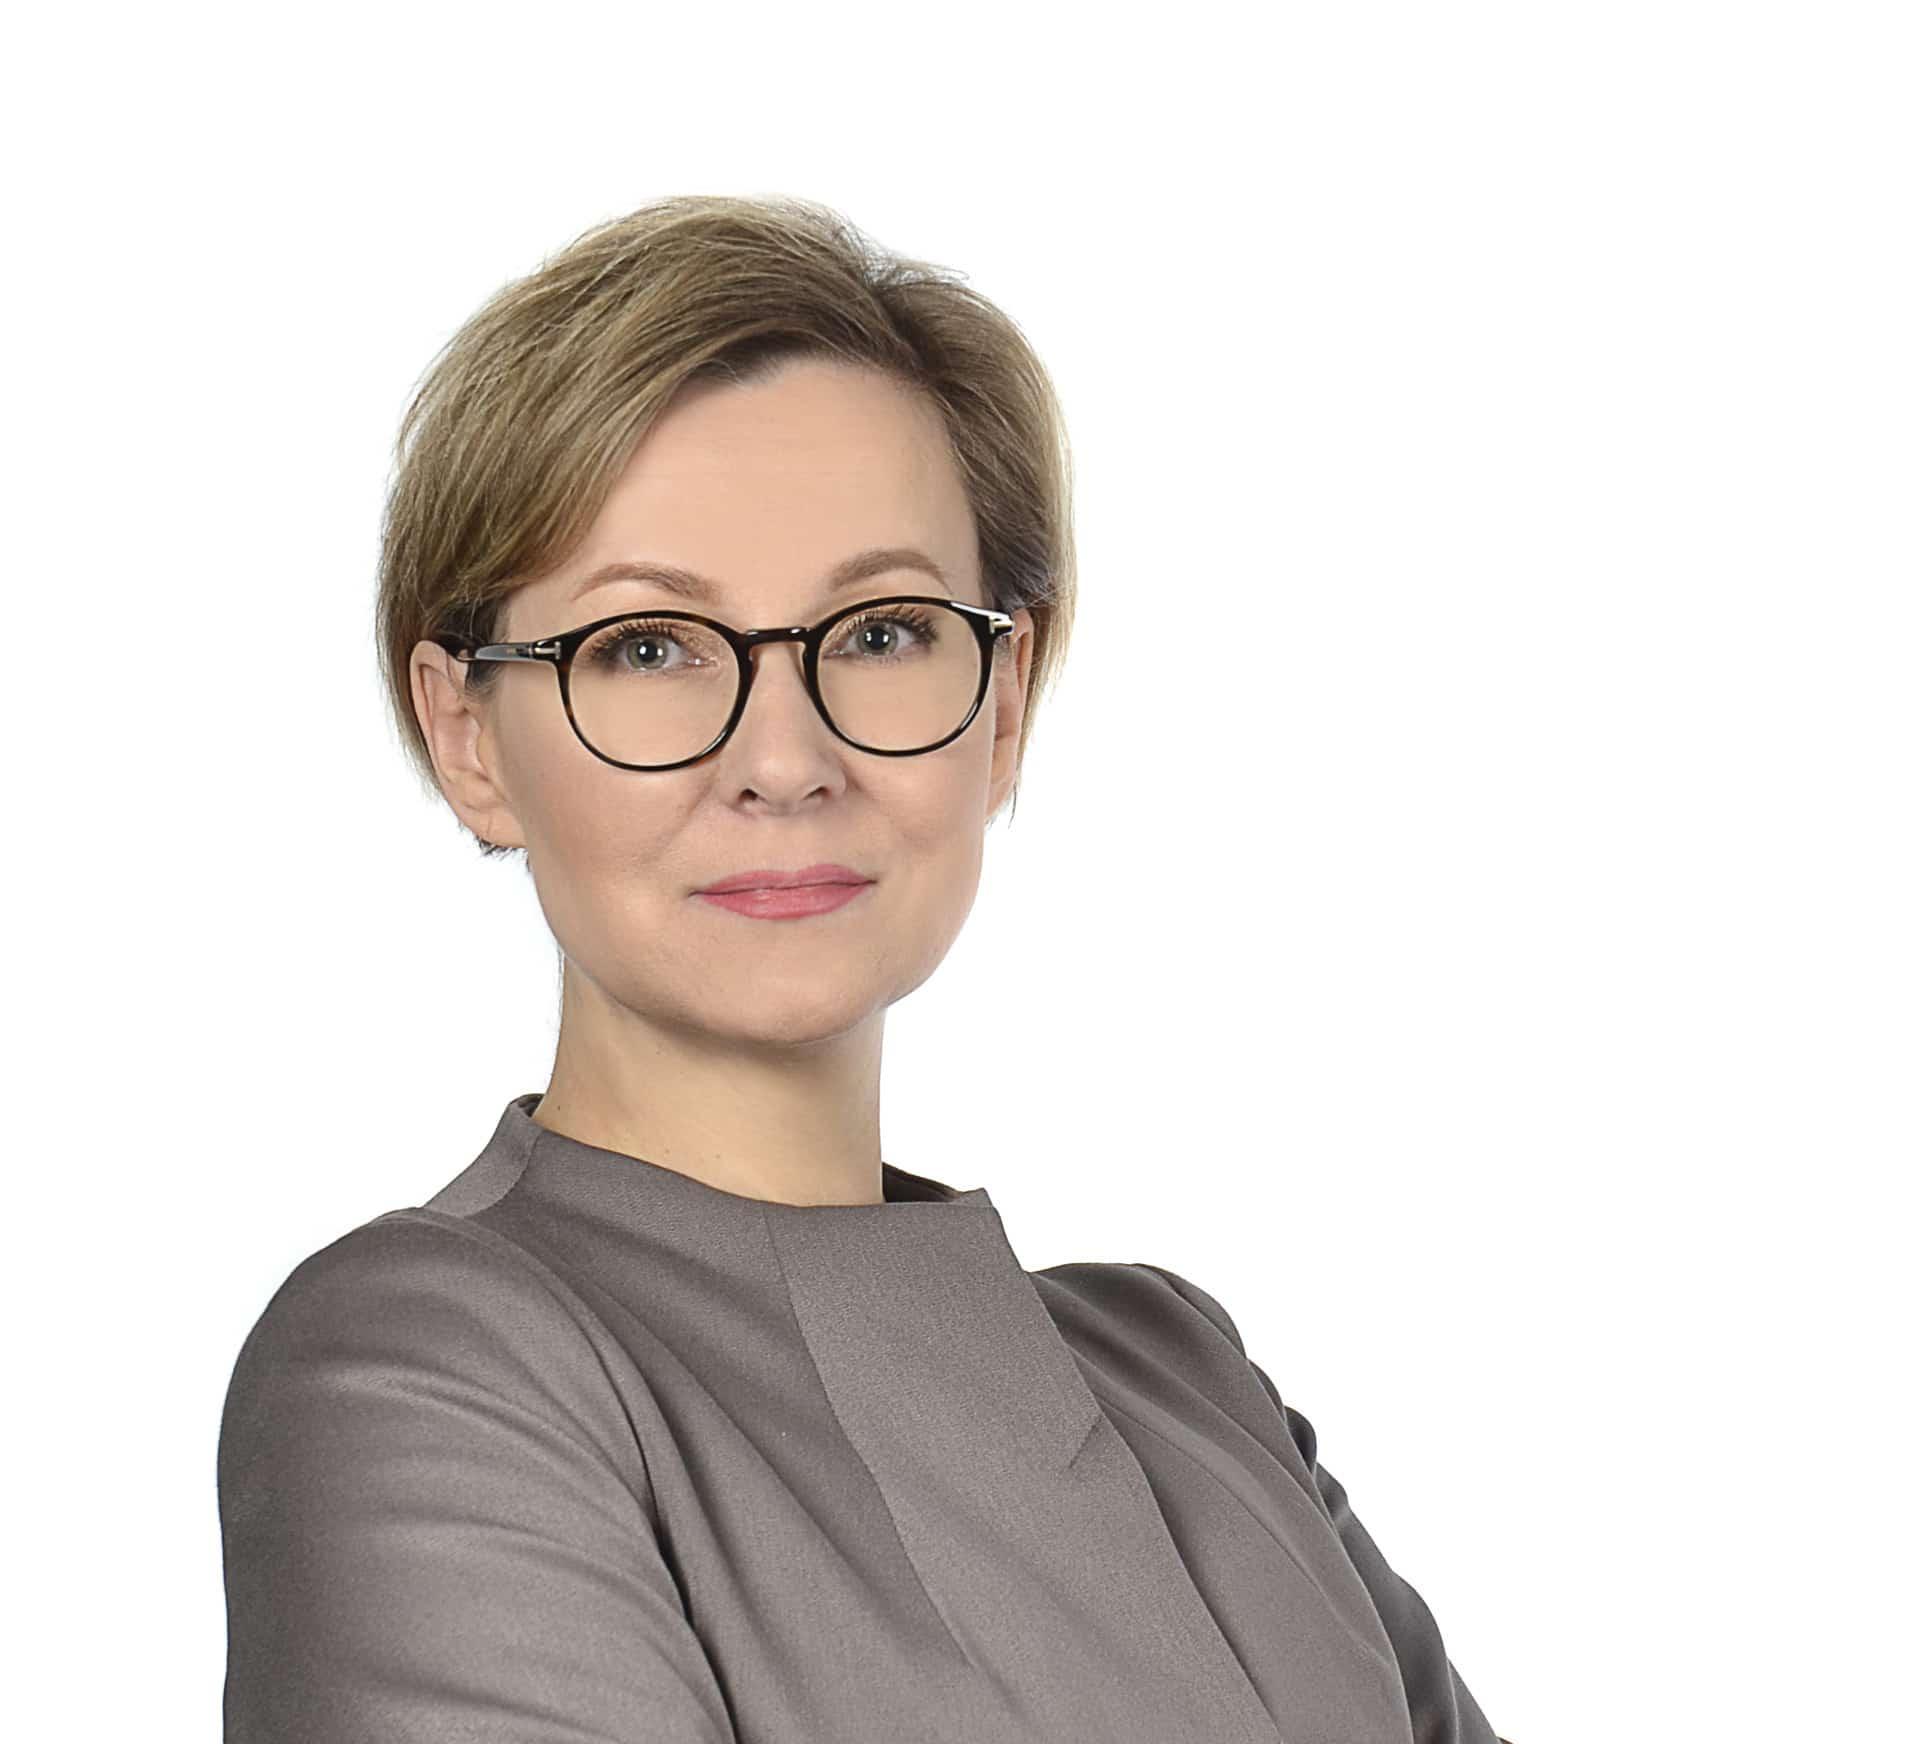 Iwona Wołkiewicz